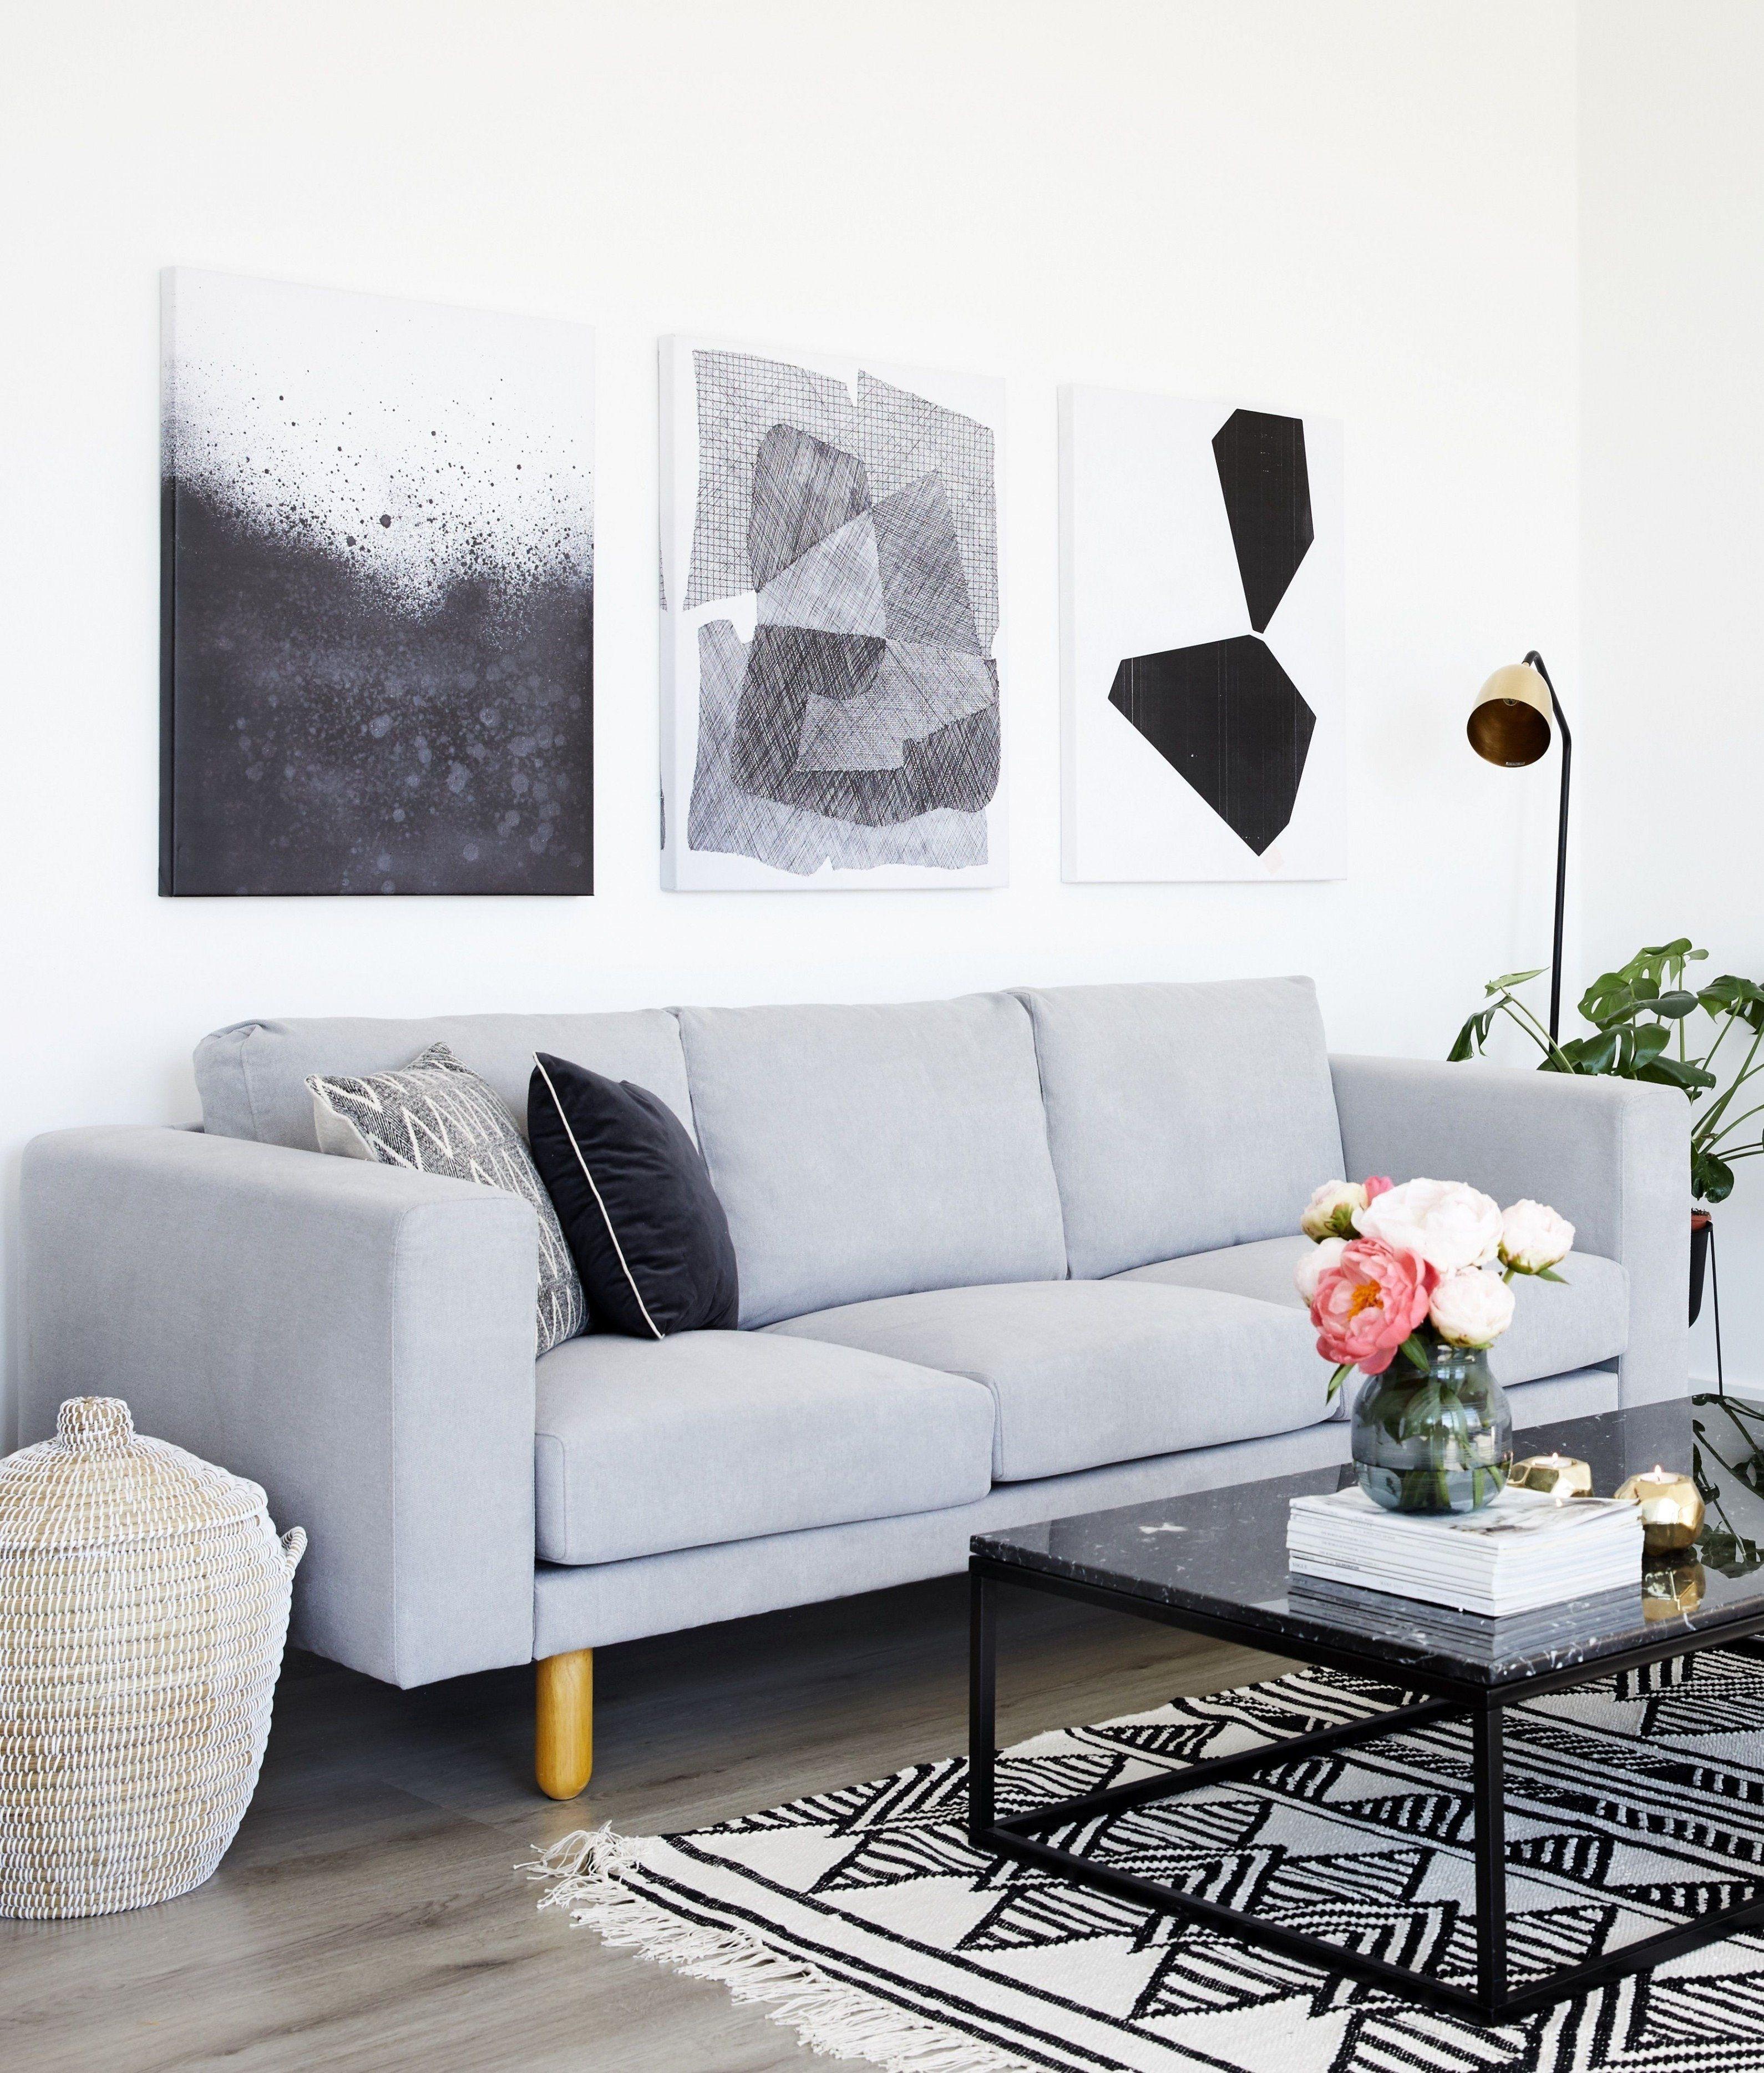 Elegant Modern Living Rooms Awesome Sofa 24 Elegant Schlafsofa Home24 Frisch Sofa Home24 0d In 2020 Beautiful Sofas Living Room Sofa Black Sofa Decor